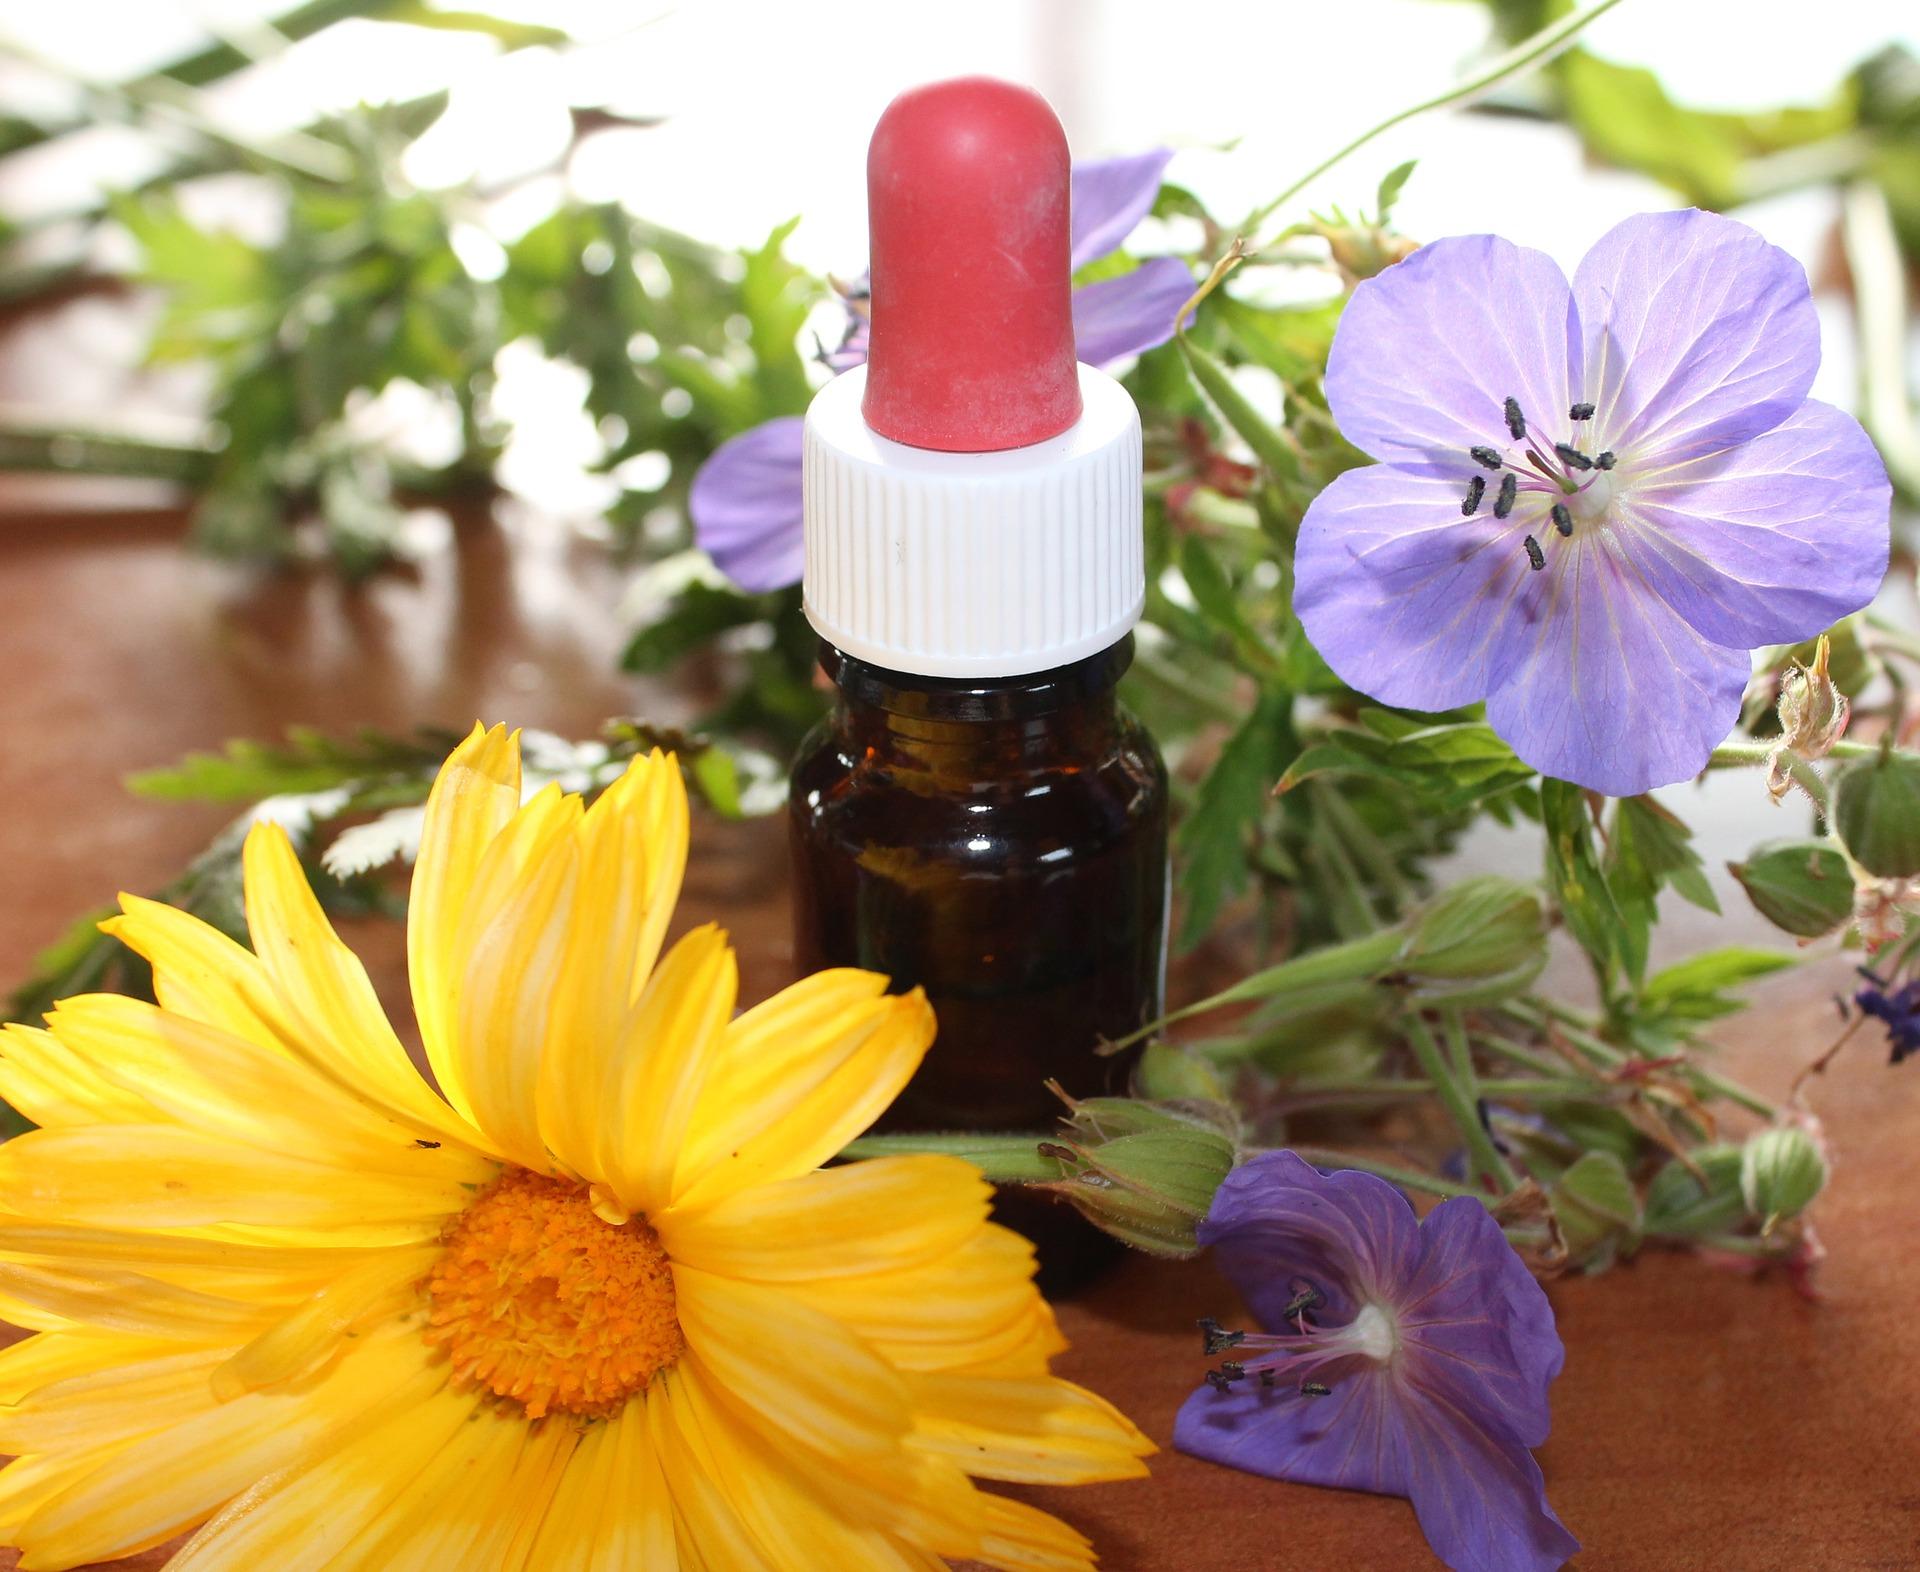 Plantes - Savoir utiliser les plantes médicinales - cours 1